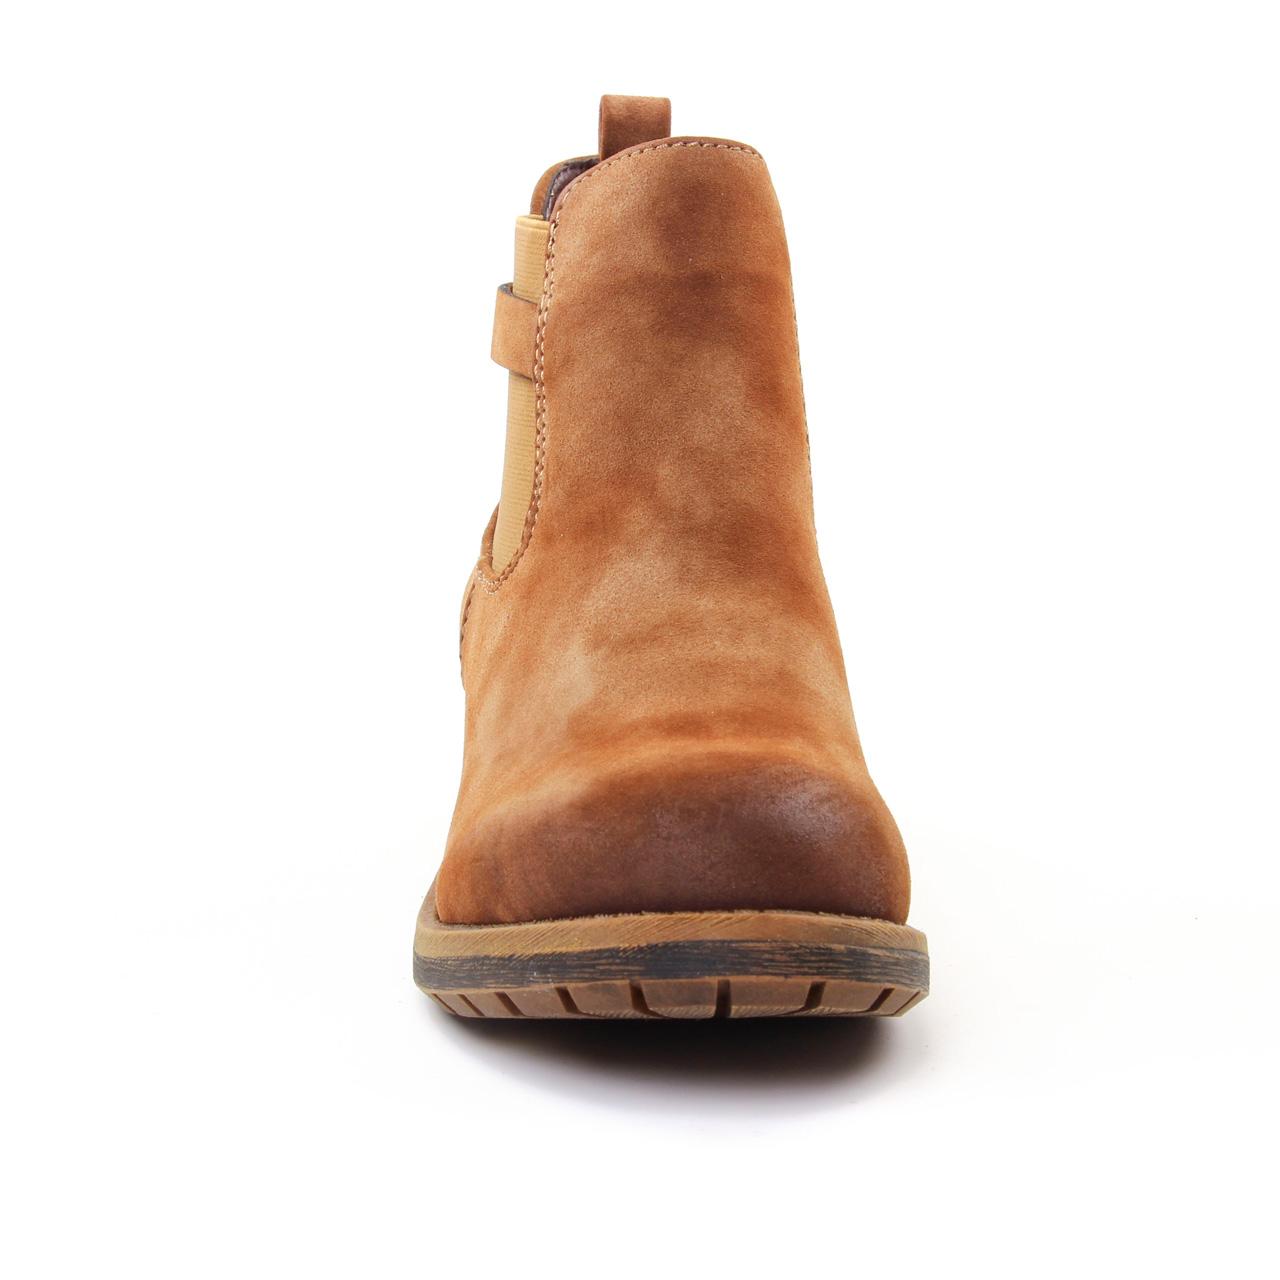 Rieker 96864 24 Reh | boot élastiquées marron automne hiver